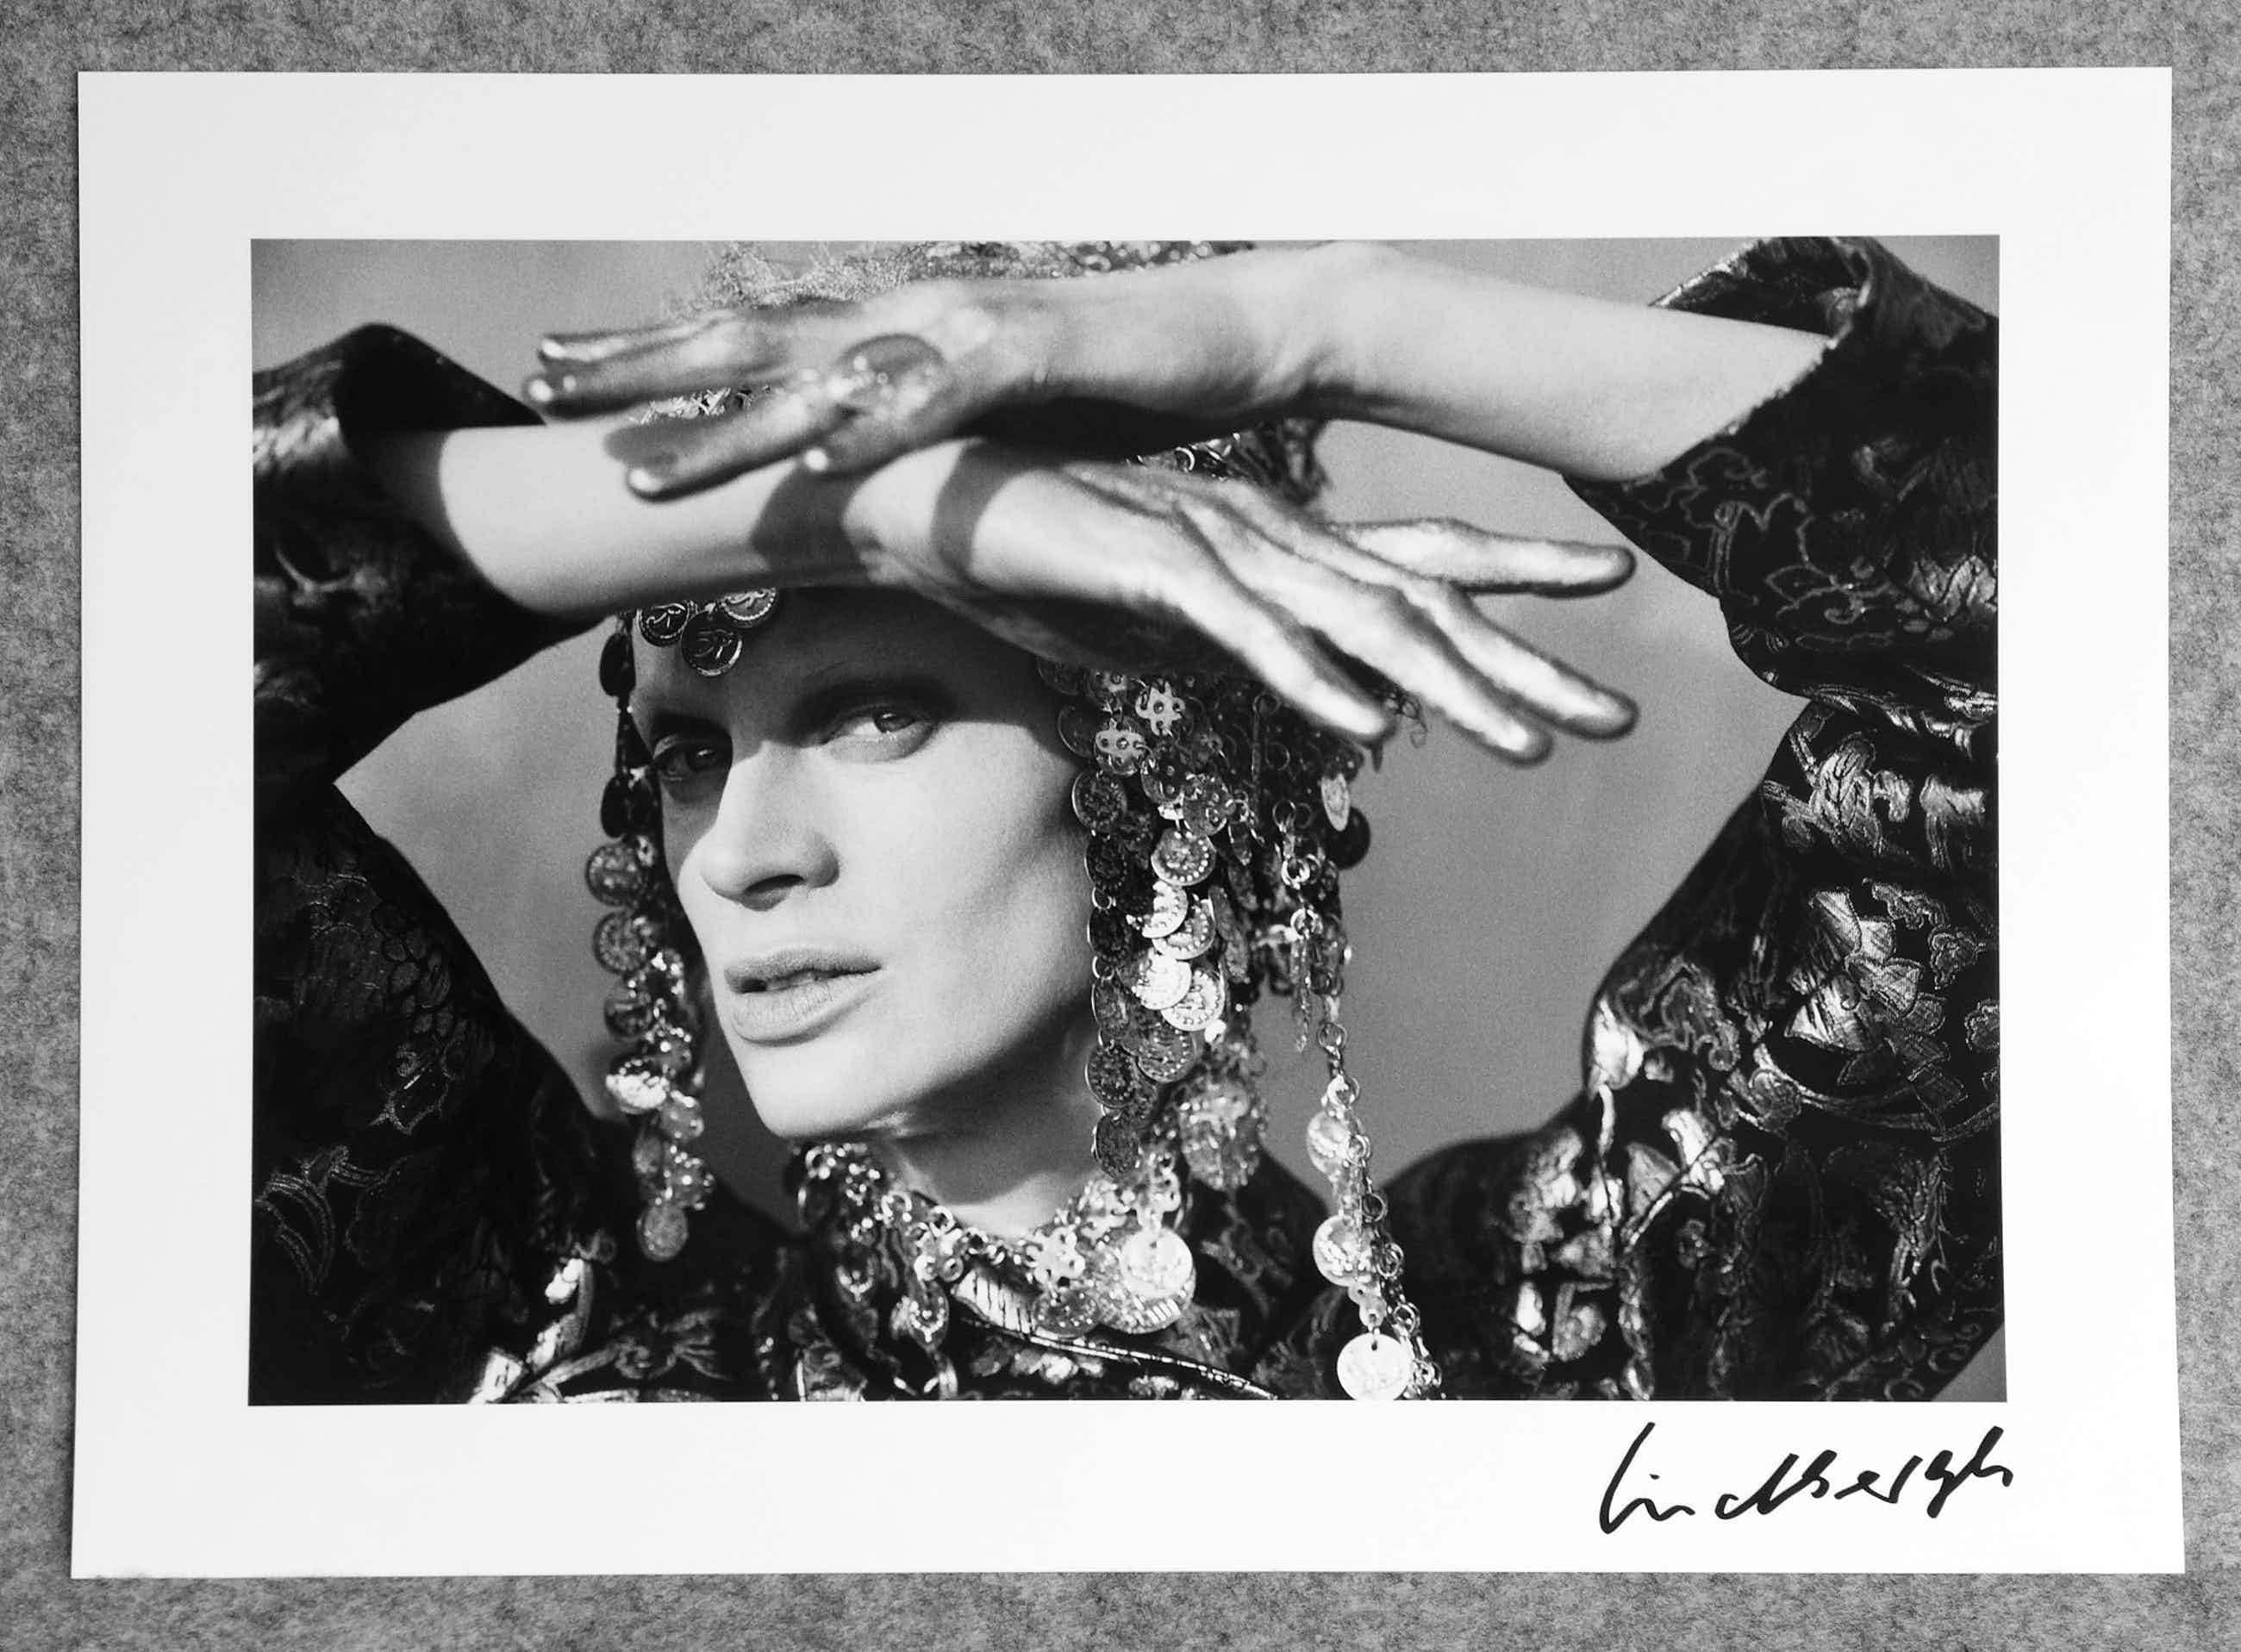 Peter Lindbergh - Autogramm auf Fotografie Kristem McMenamy kopen? Bied vanaf 99!